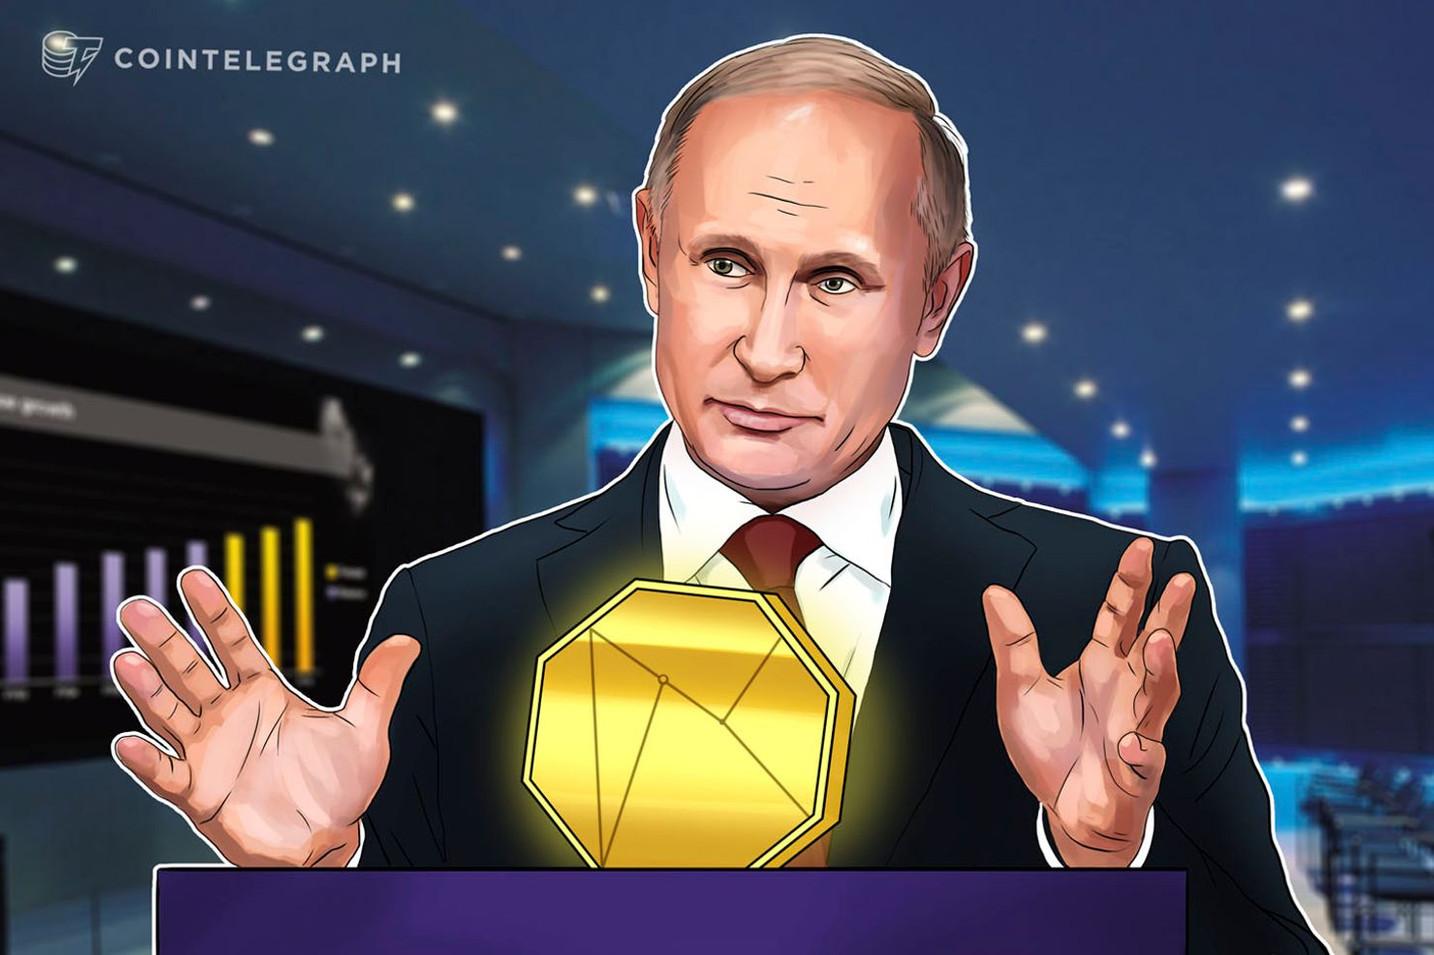 「ロシアが1兆円分のビットコイン購入を計画」はフェイクニュース?|仮想通貨業界でニュース拡散